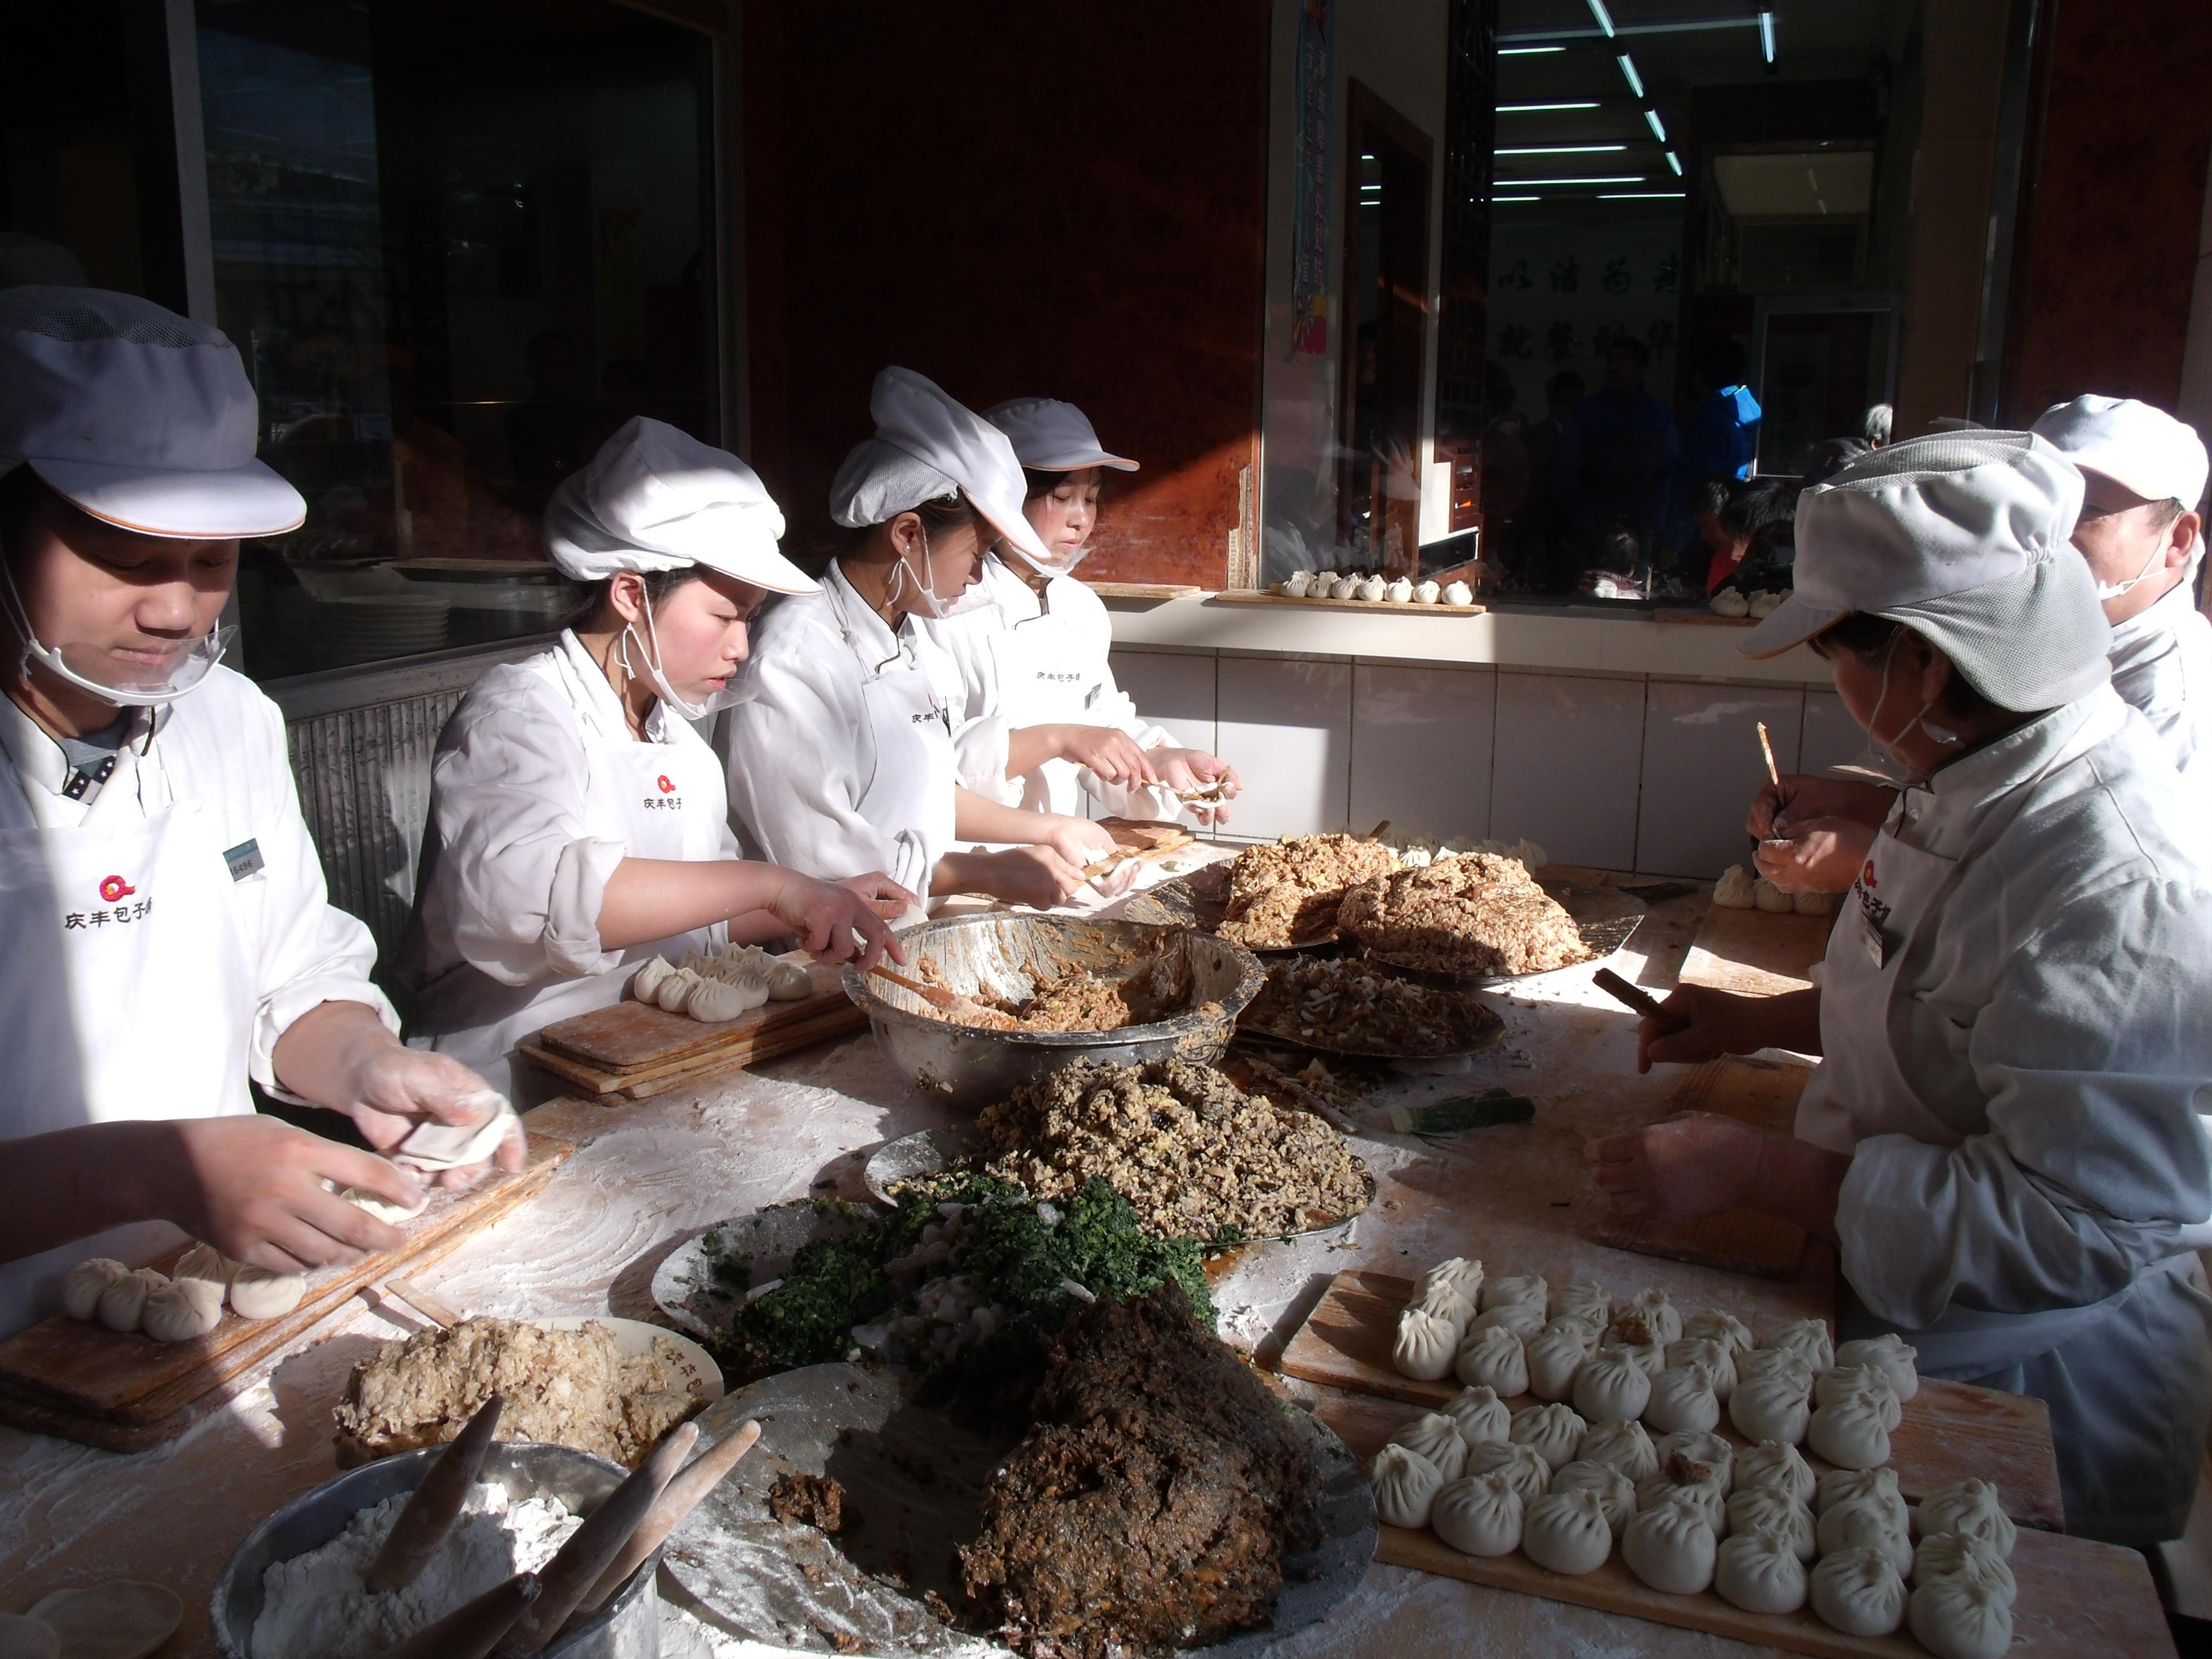 探訪│北京商圈再現就餐排隊,部分老字號門店銷售額達疫情前水平